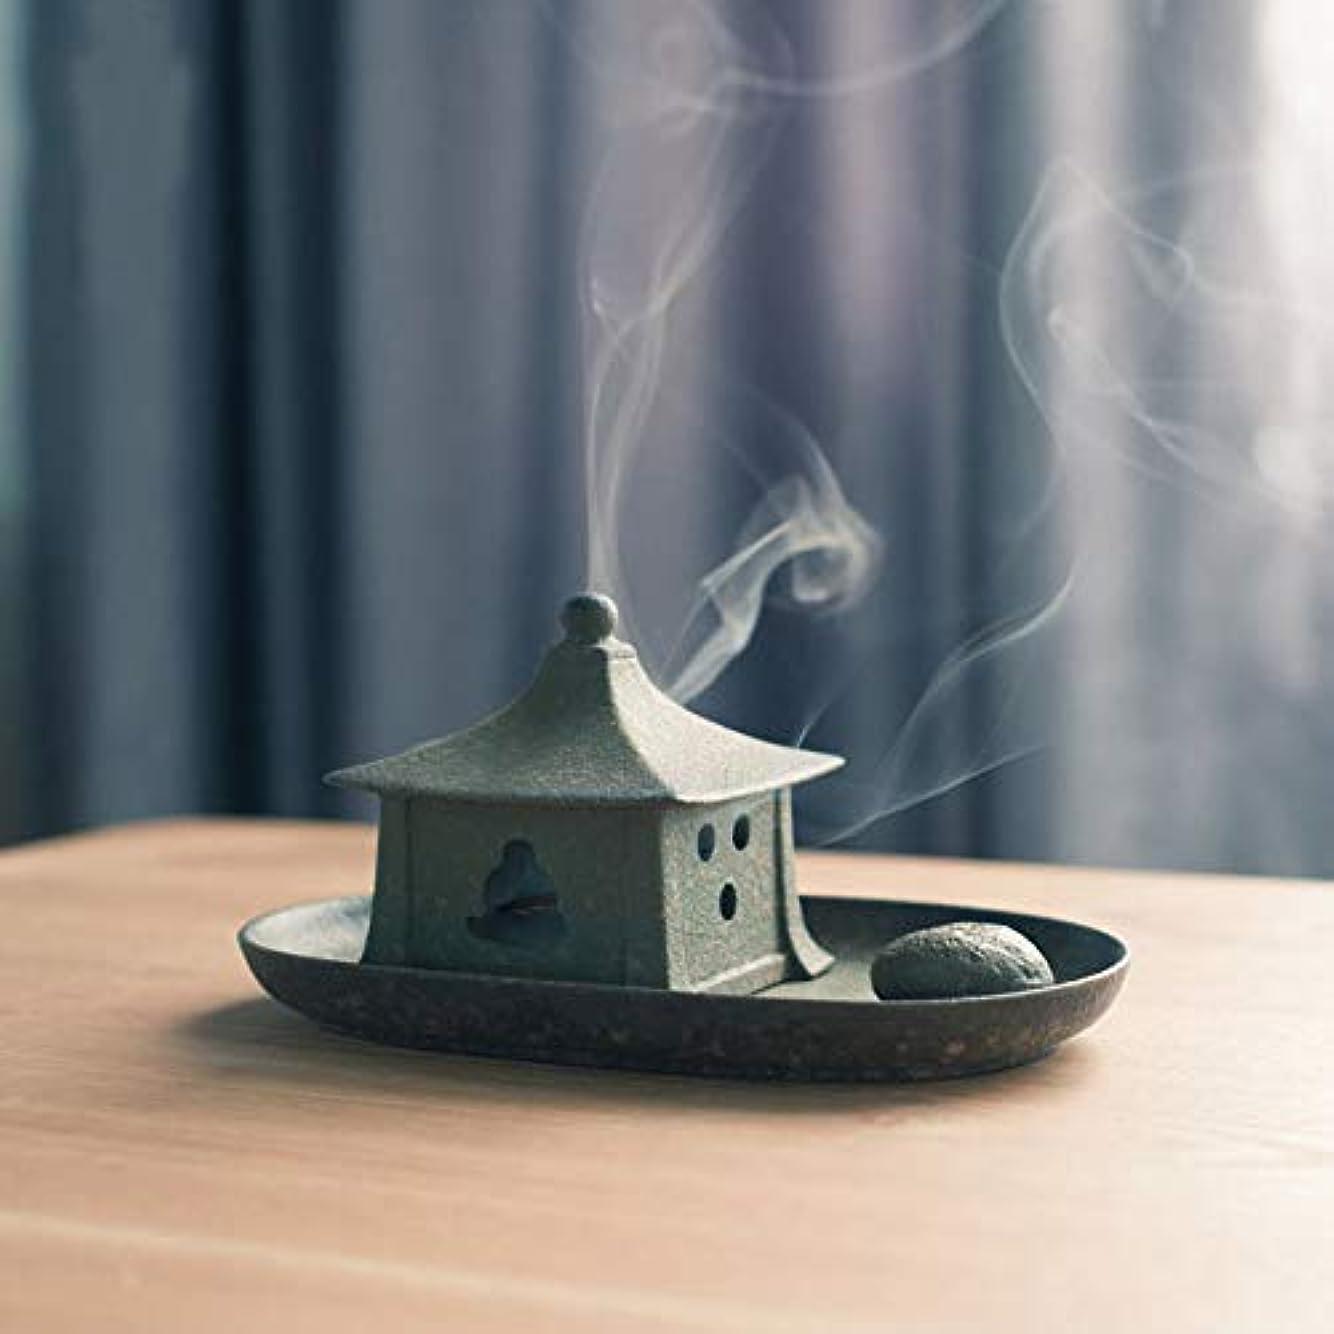 ハンマーゴミ箱あからさまPHILOGOD 陶器香炉 クリエイティブスタイリング 渦巻き線香立て 仏壇用 香置物 香皿